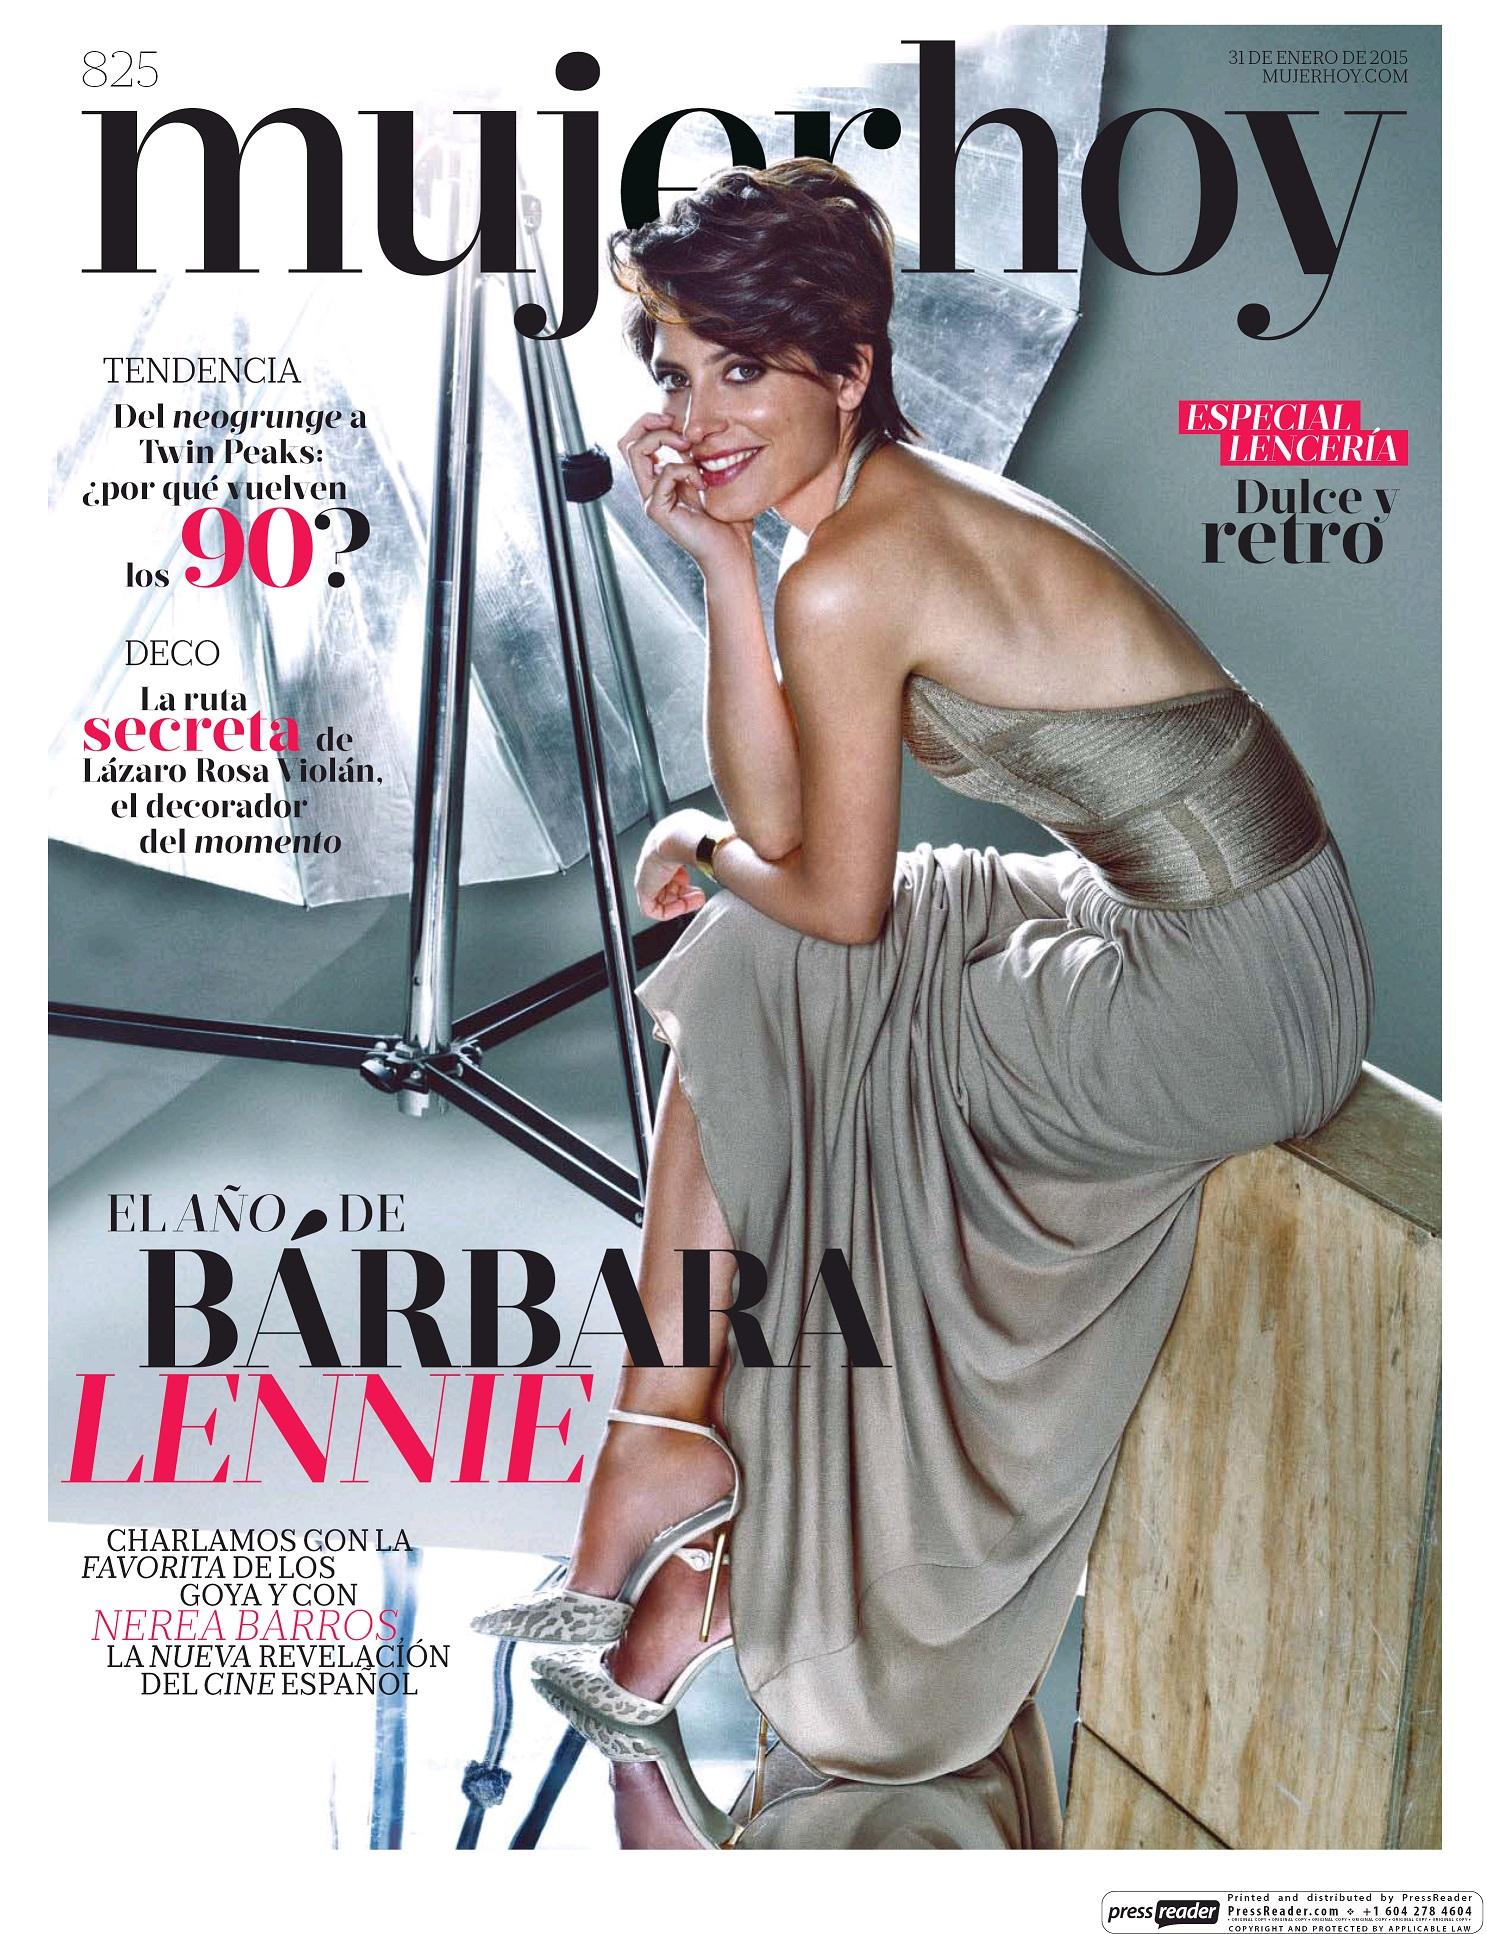 MUJER HOY portada 1 de Febrero 2015